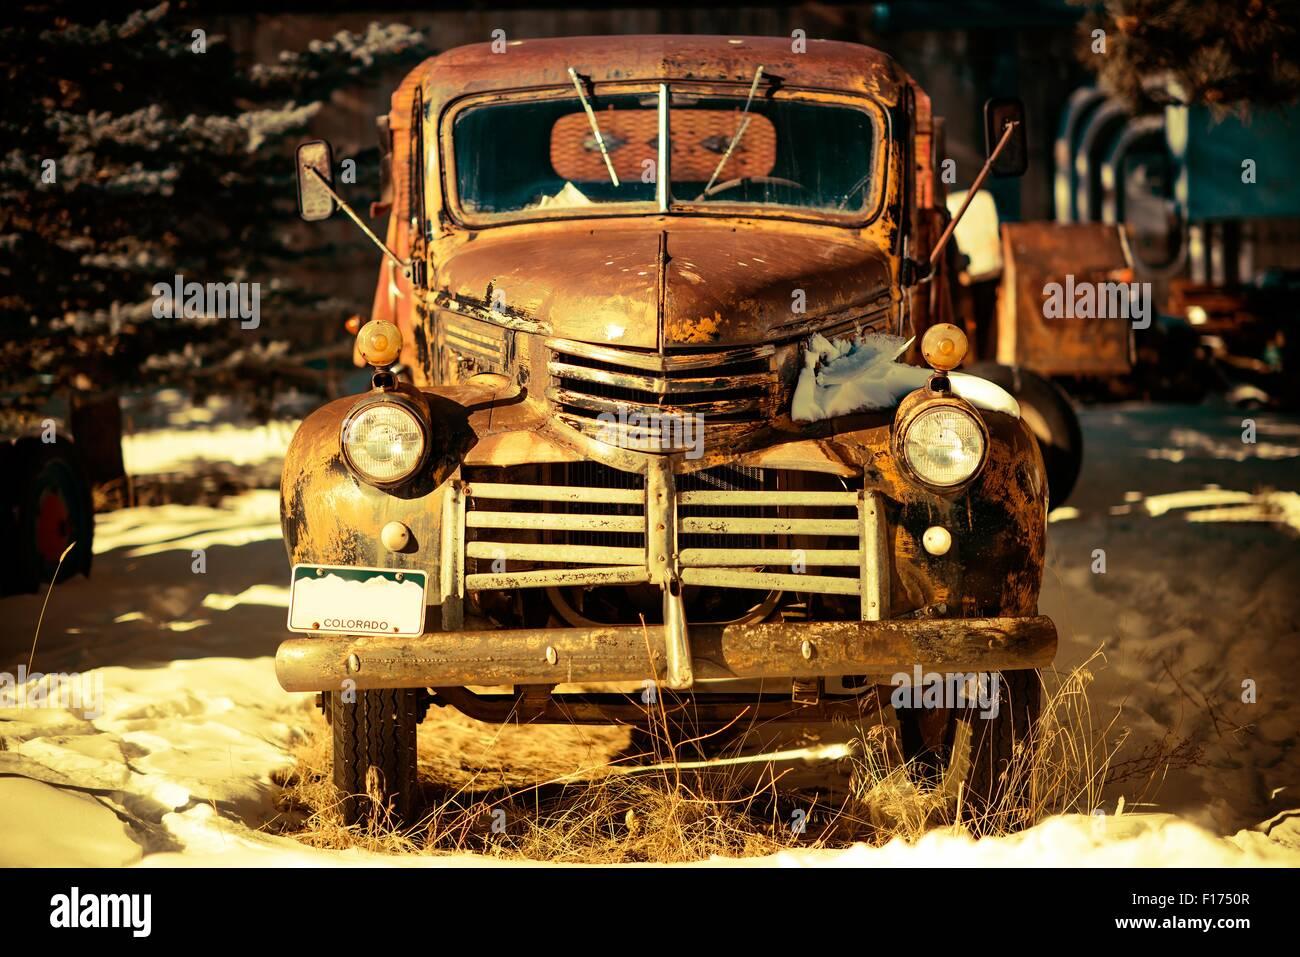 Junk Car Jalopy Stock Photos & Junk Car Jalopy Stock Images - Page 2 ...